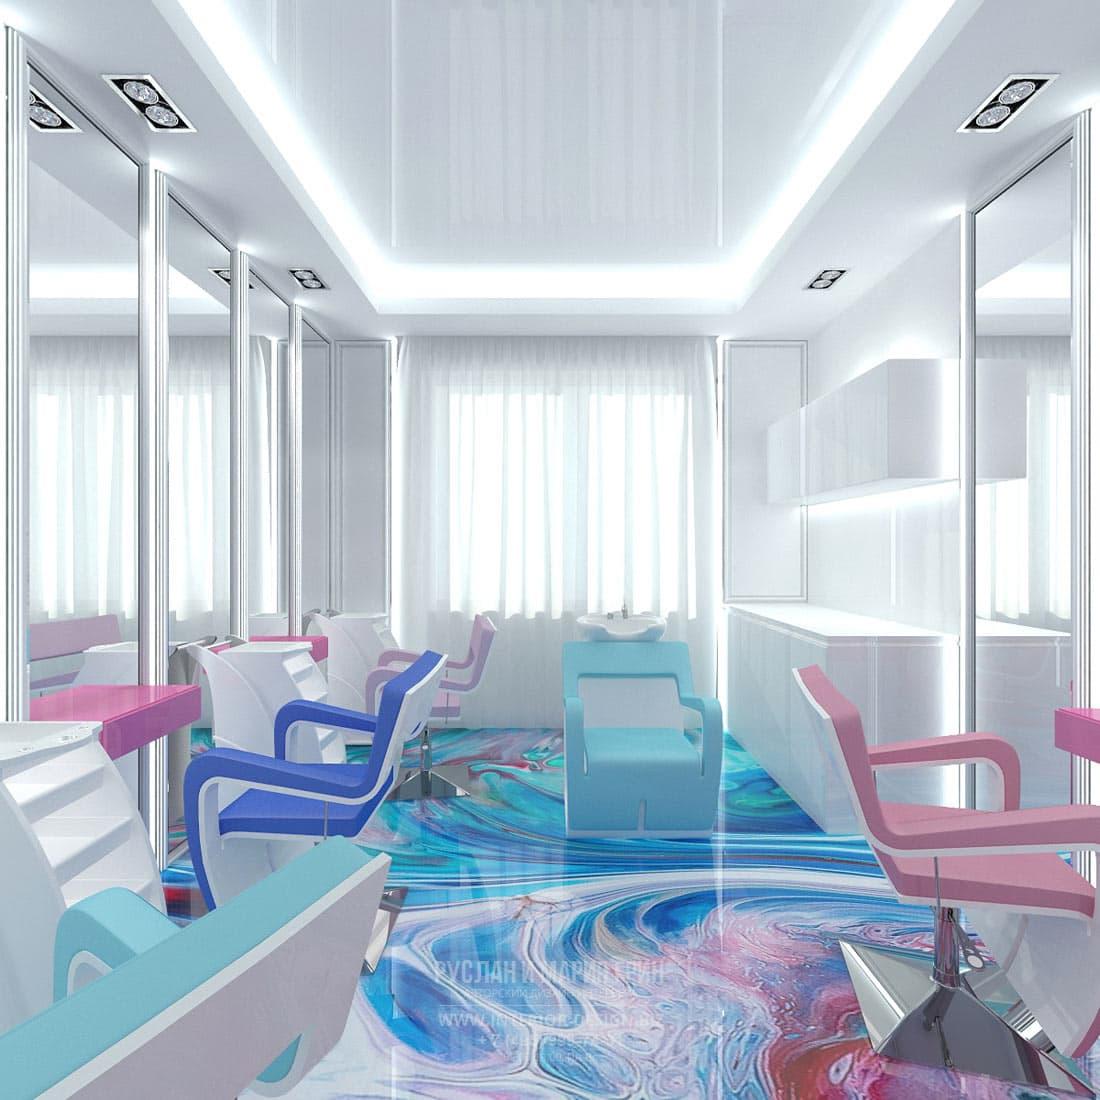 Дизайн-проект парикмахерской зоны в современном салоне красоты